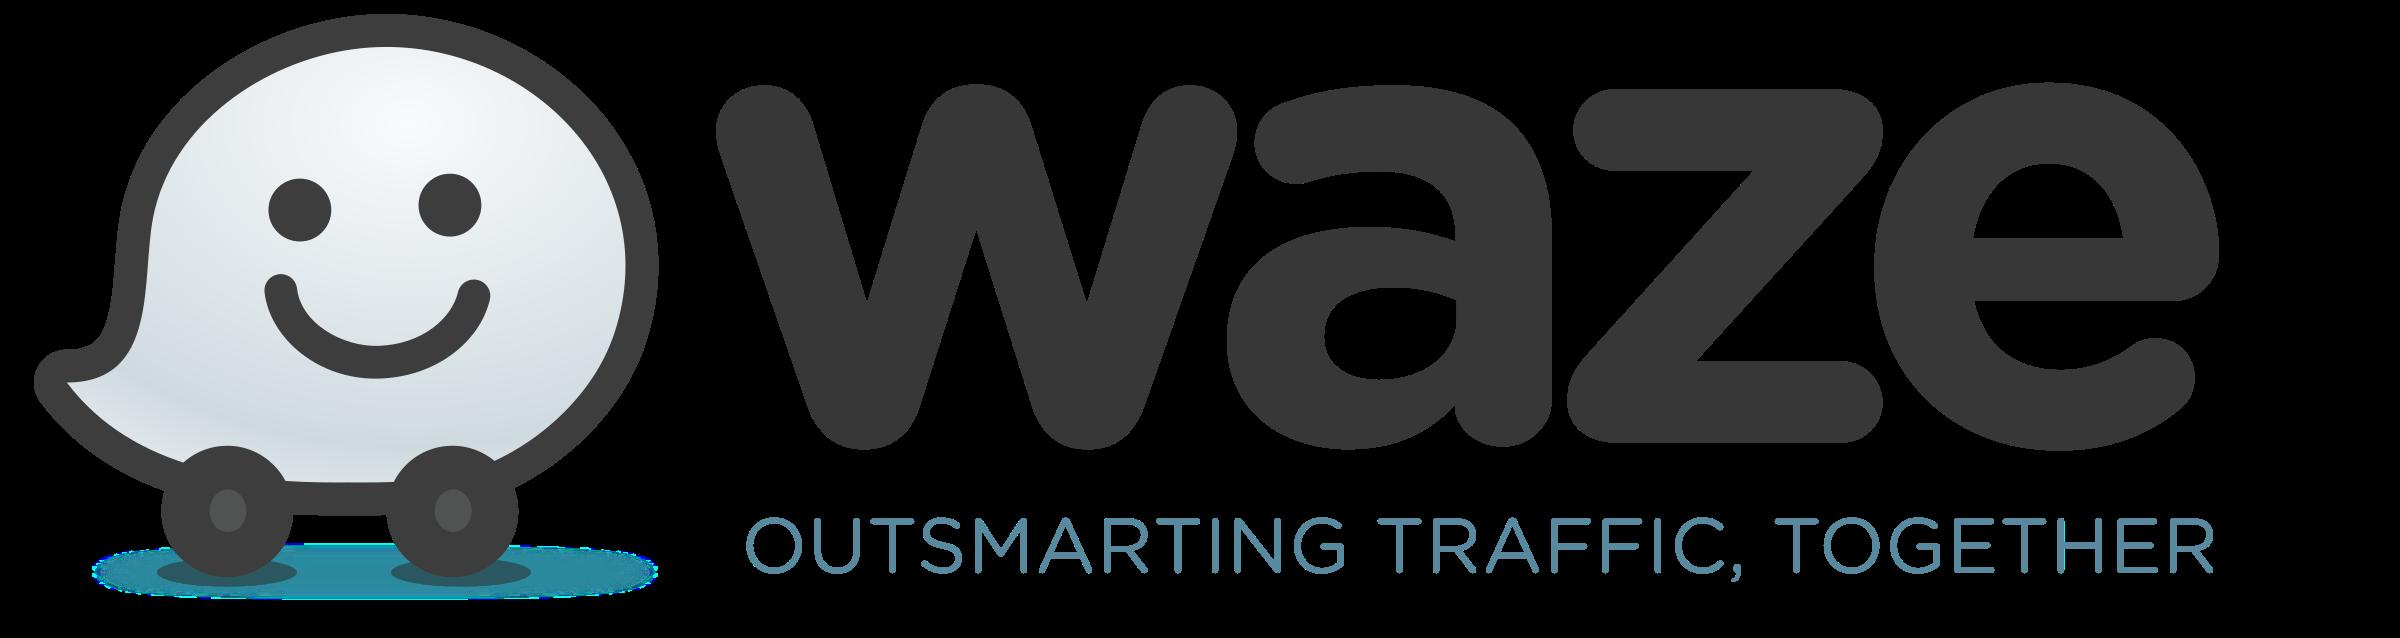 waze-logo-png-transparent.png